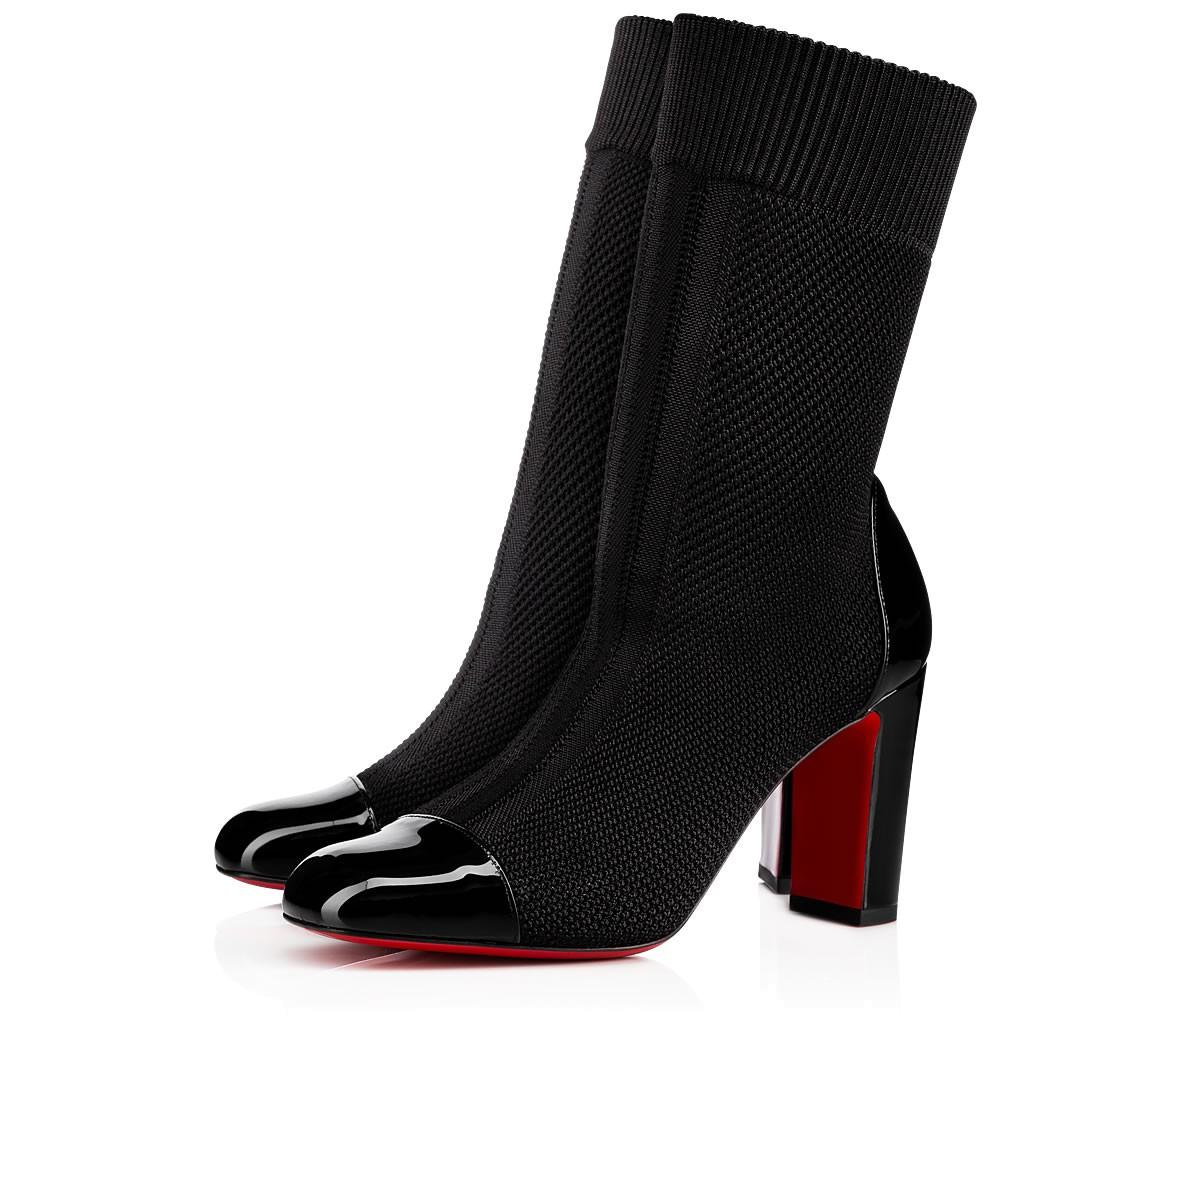 鞋履 - Taco Sock 85 Pat/maille Tricot Fabric - Christian Louboutin